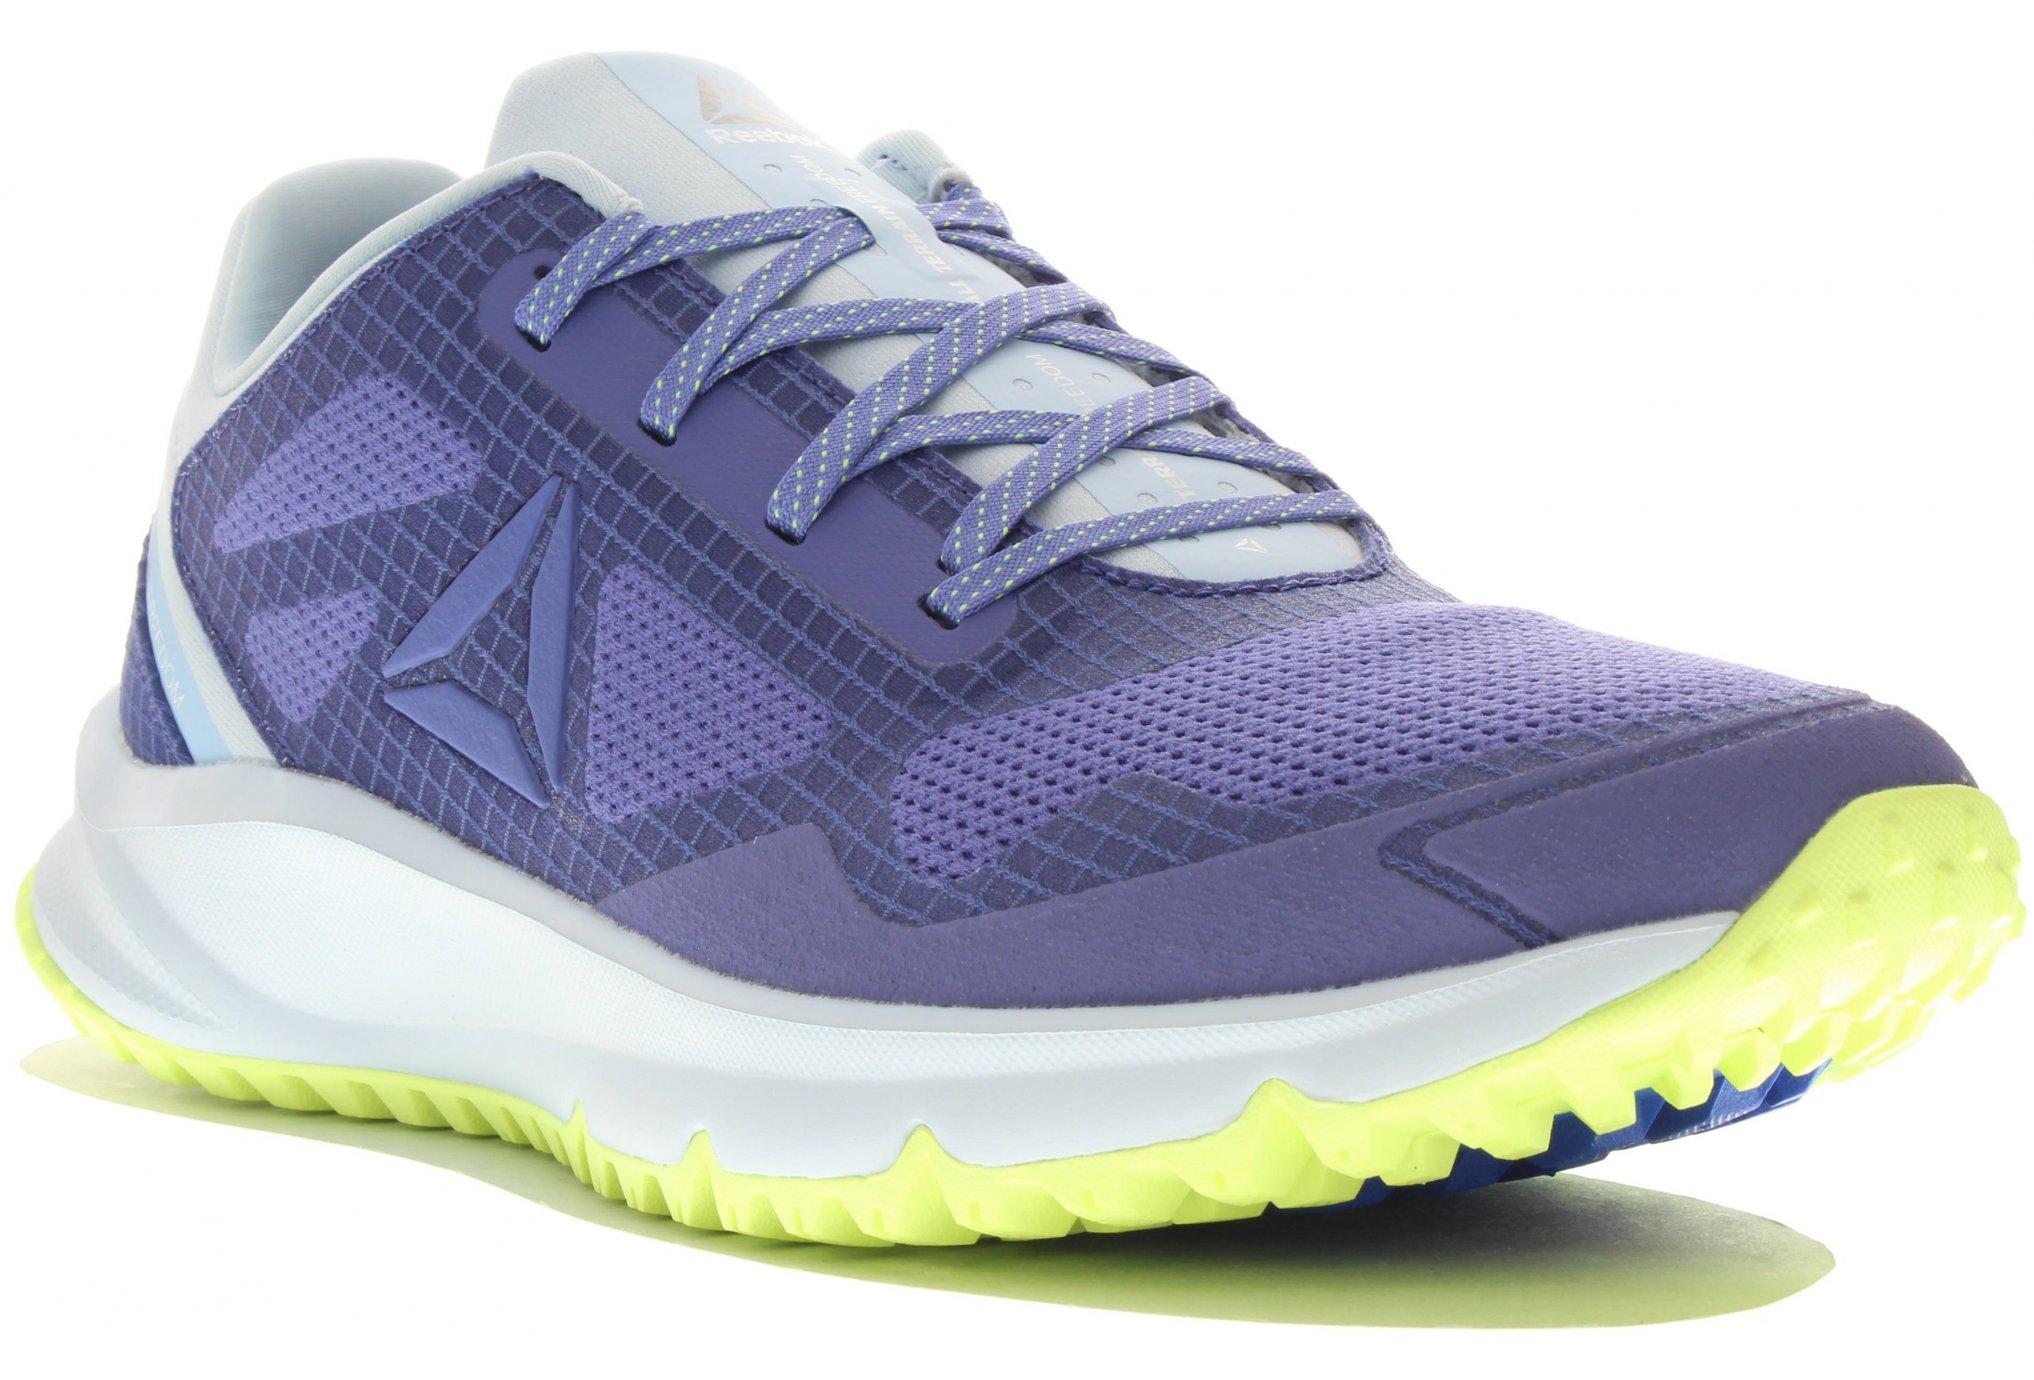 Reebok All terrain freedom w diététique chaussures femme